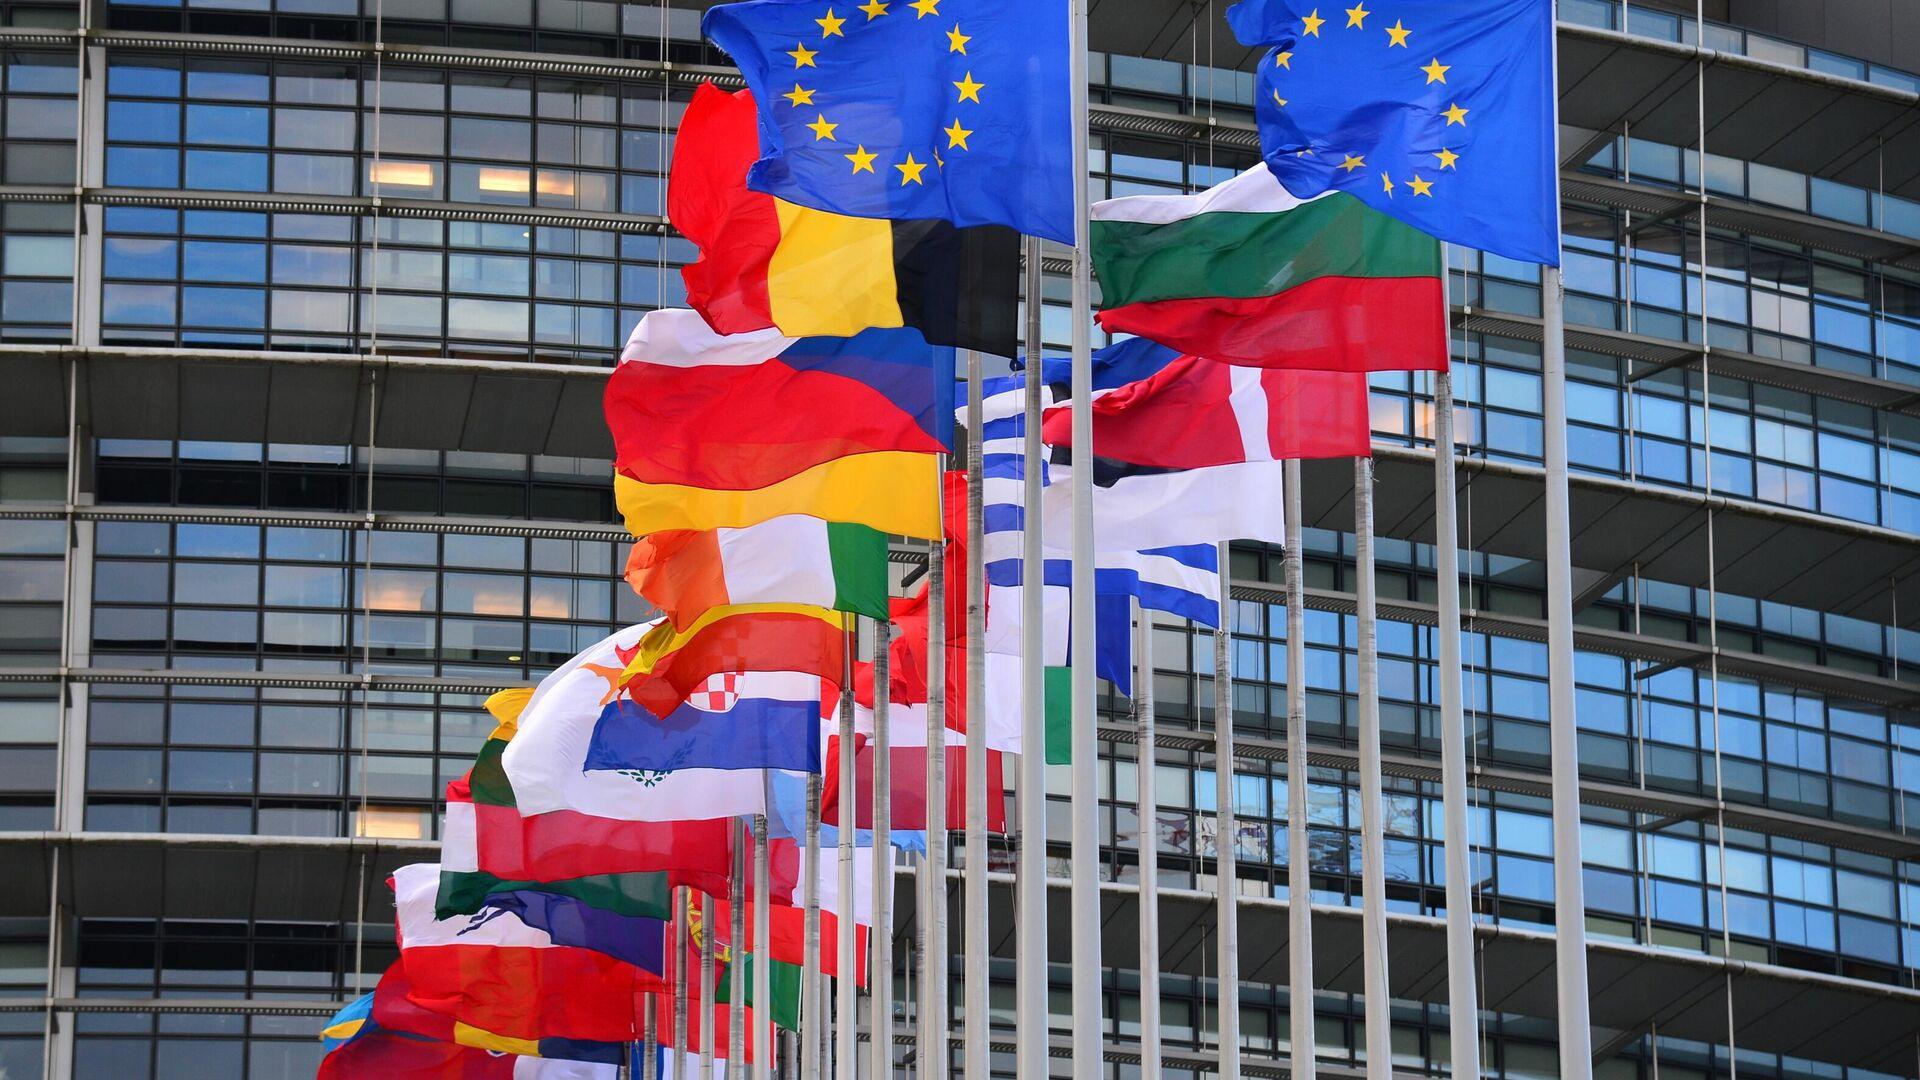 Флаги стран Евросоюза перед главным зданием Совета Европы в Страсбурге - РИА Новости, 1920, 21.09.2020